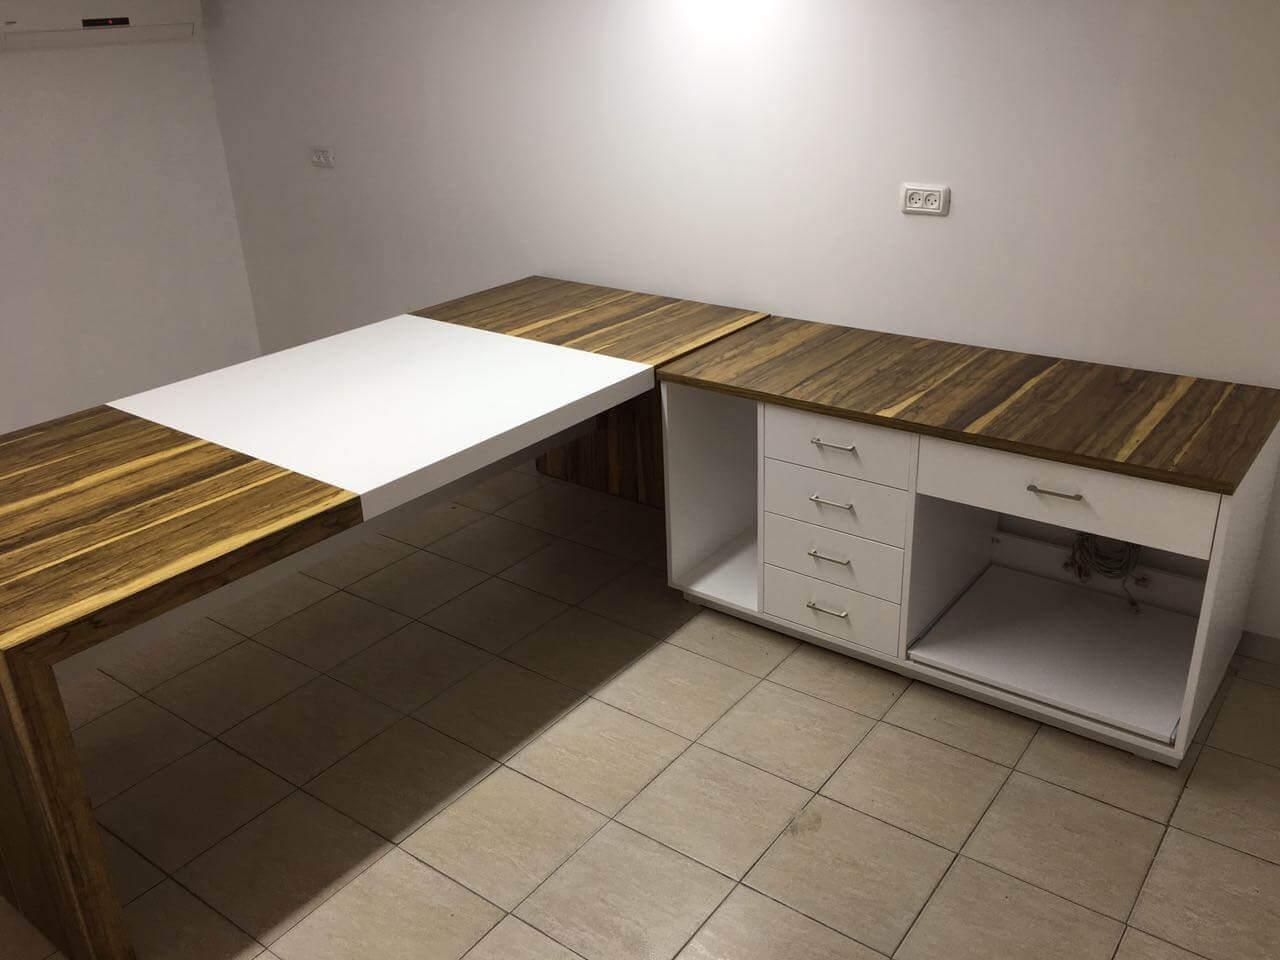 ארון משרדי עץ דגם LAI